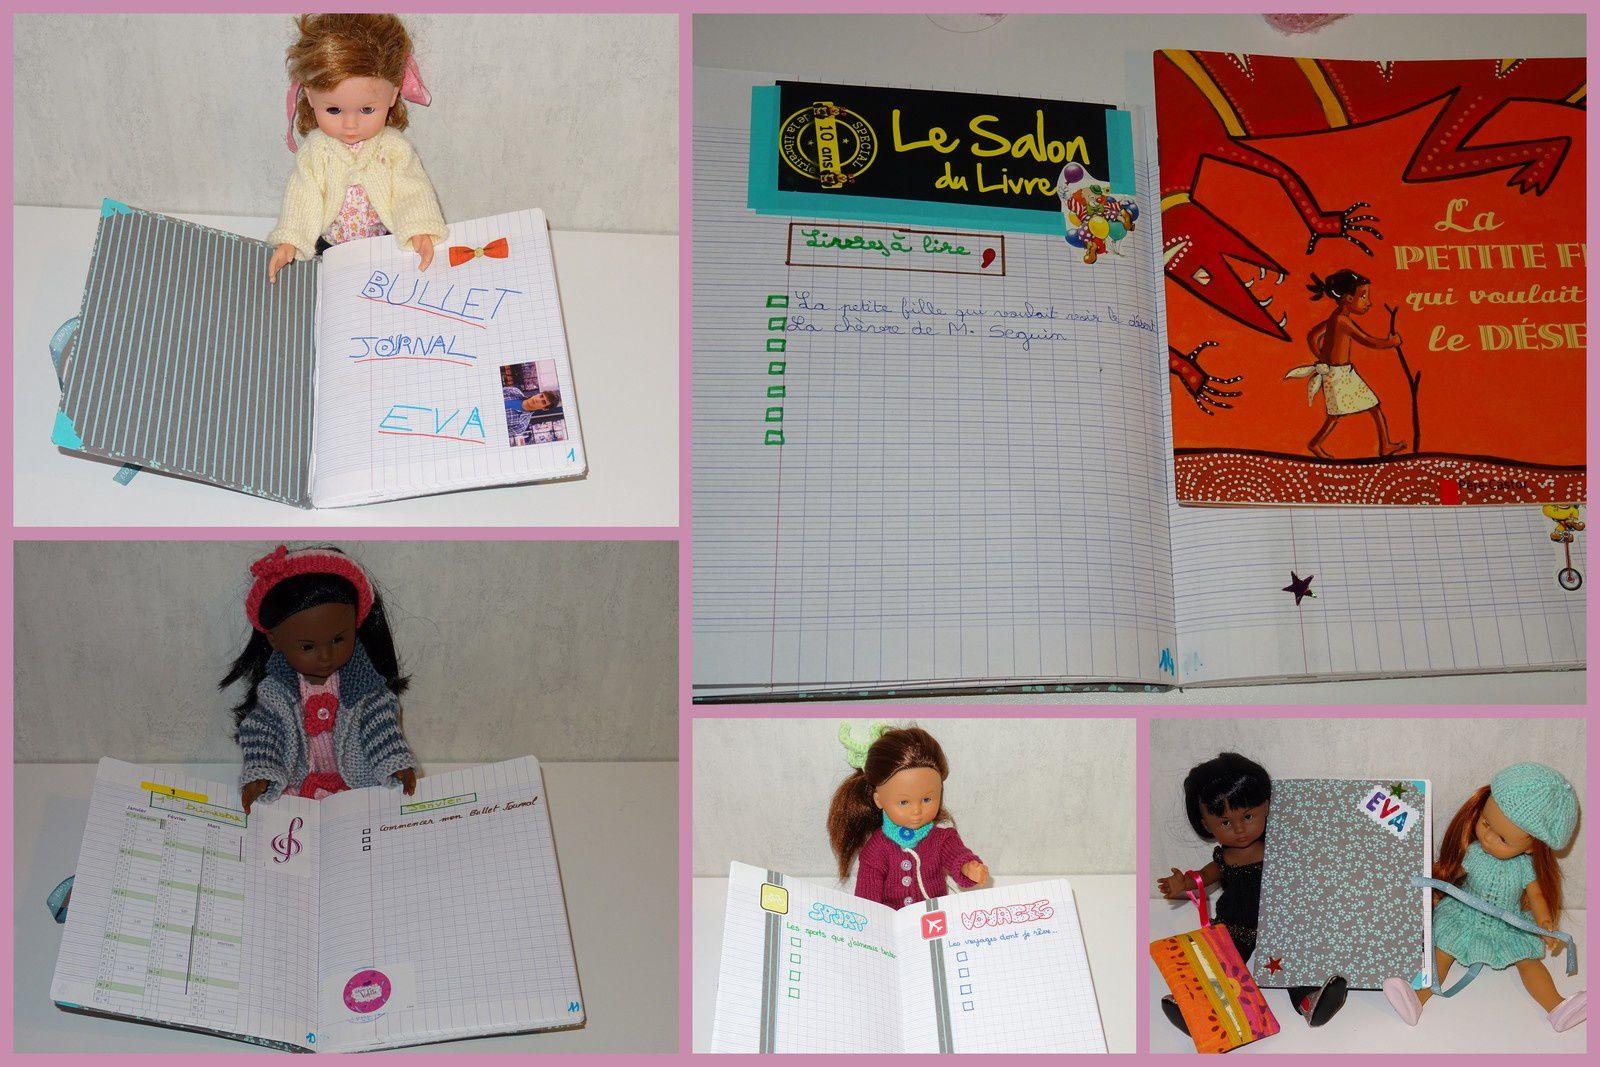 N°157 Le voyage des miss : voyage 25 de Miss ChaDaNel à Miss Yadelajoie